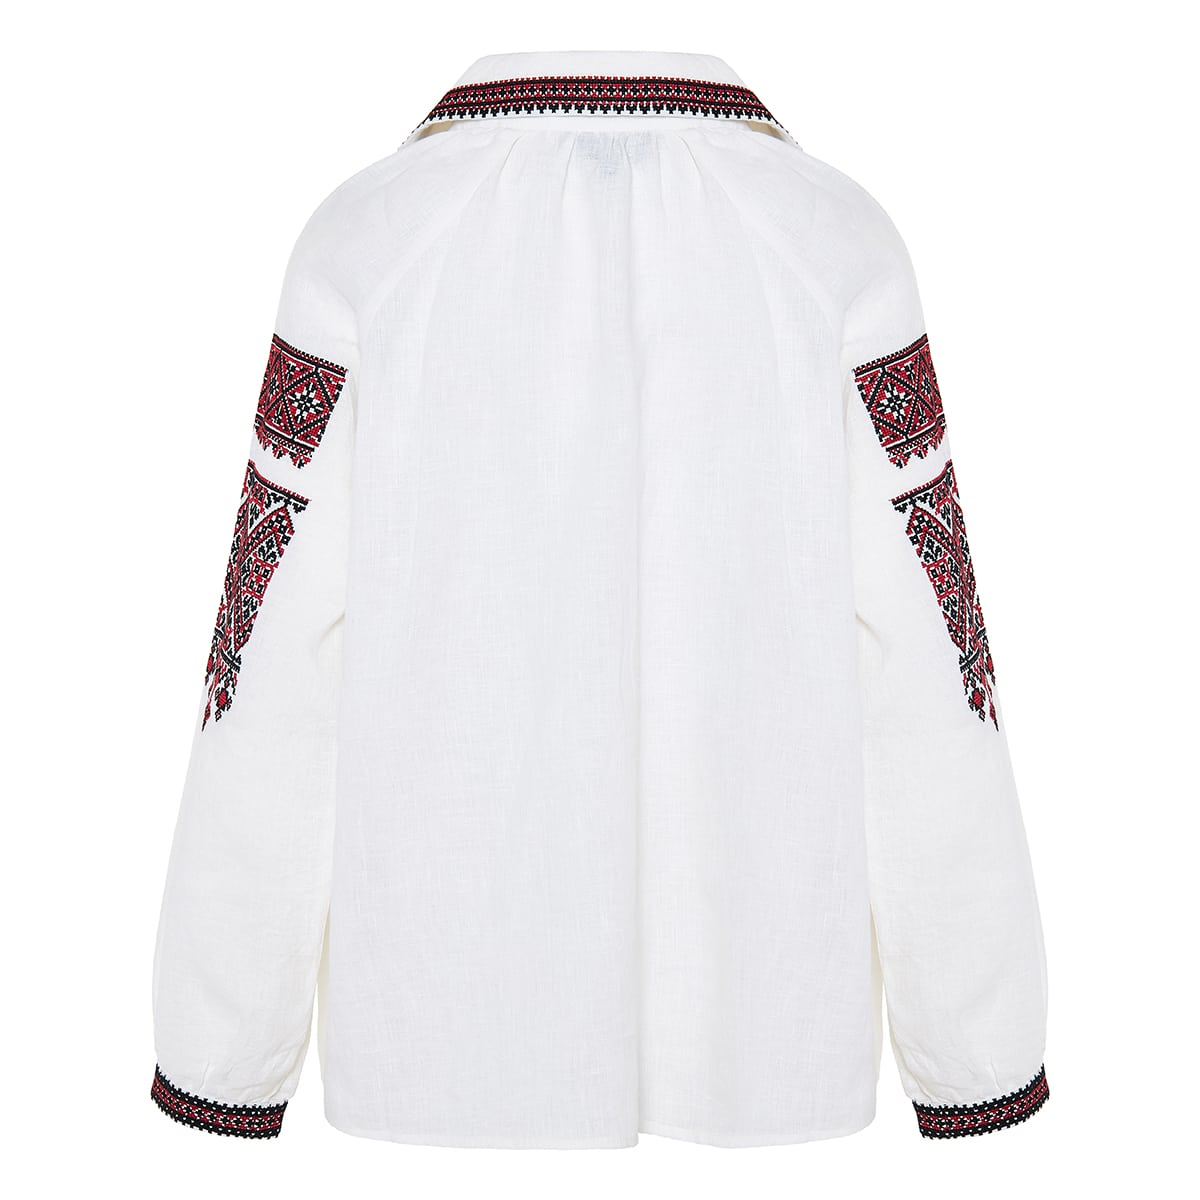 Jill embroidered linen shirt